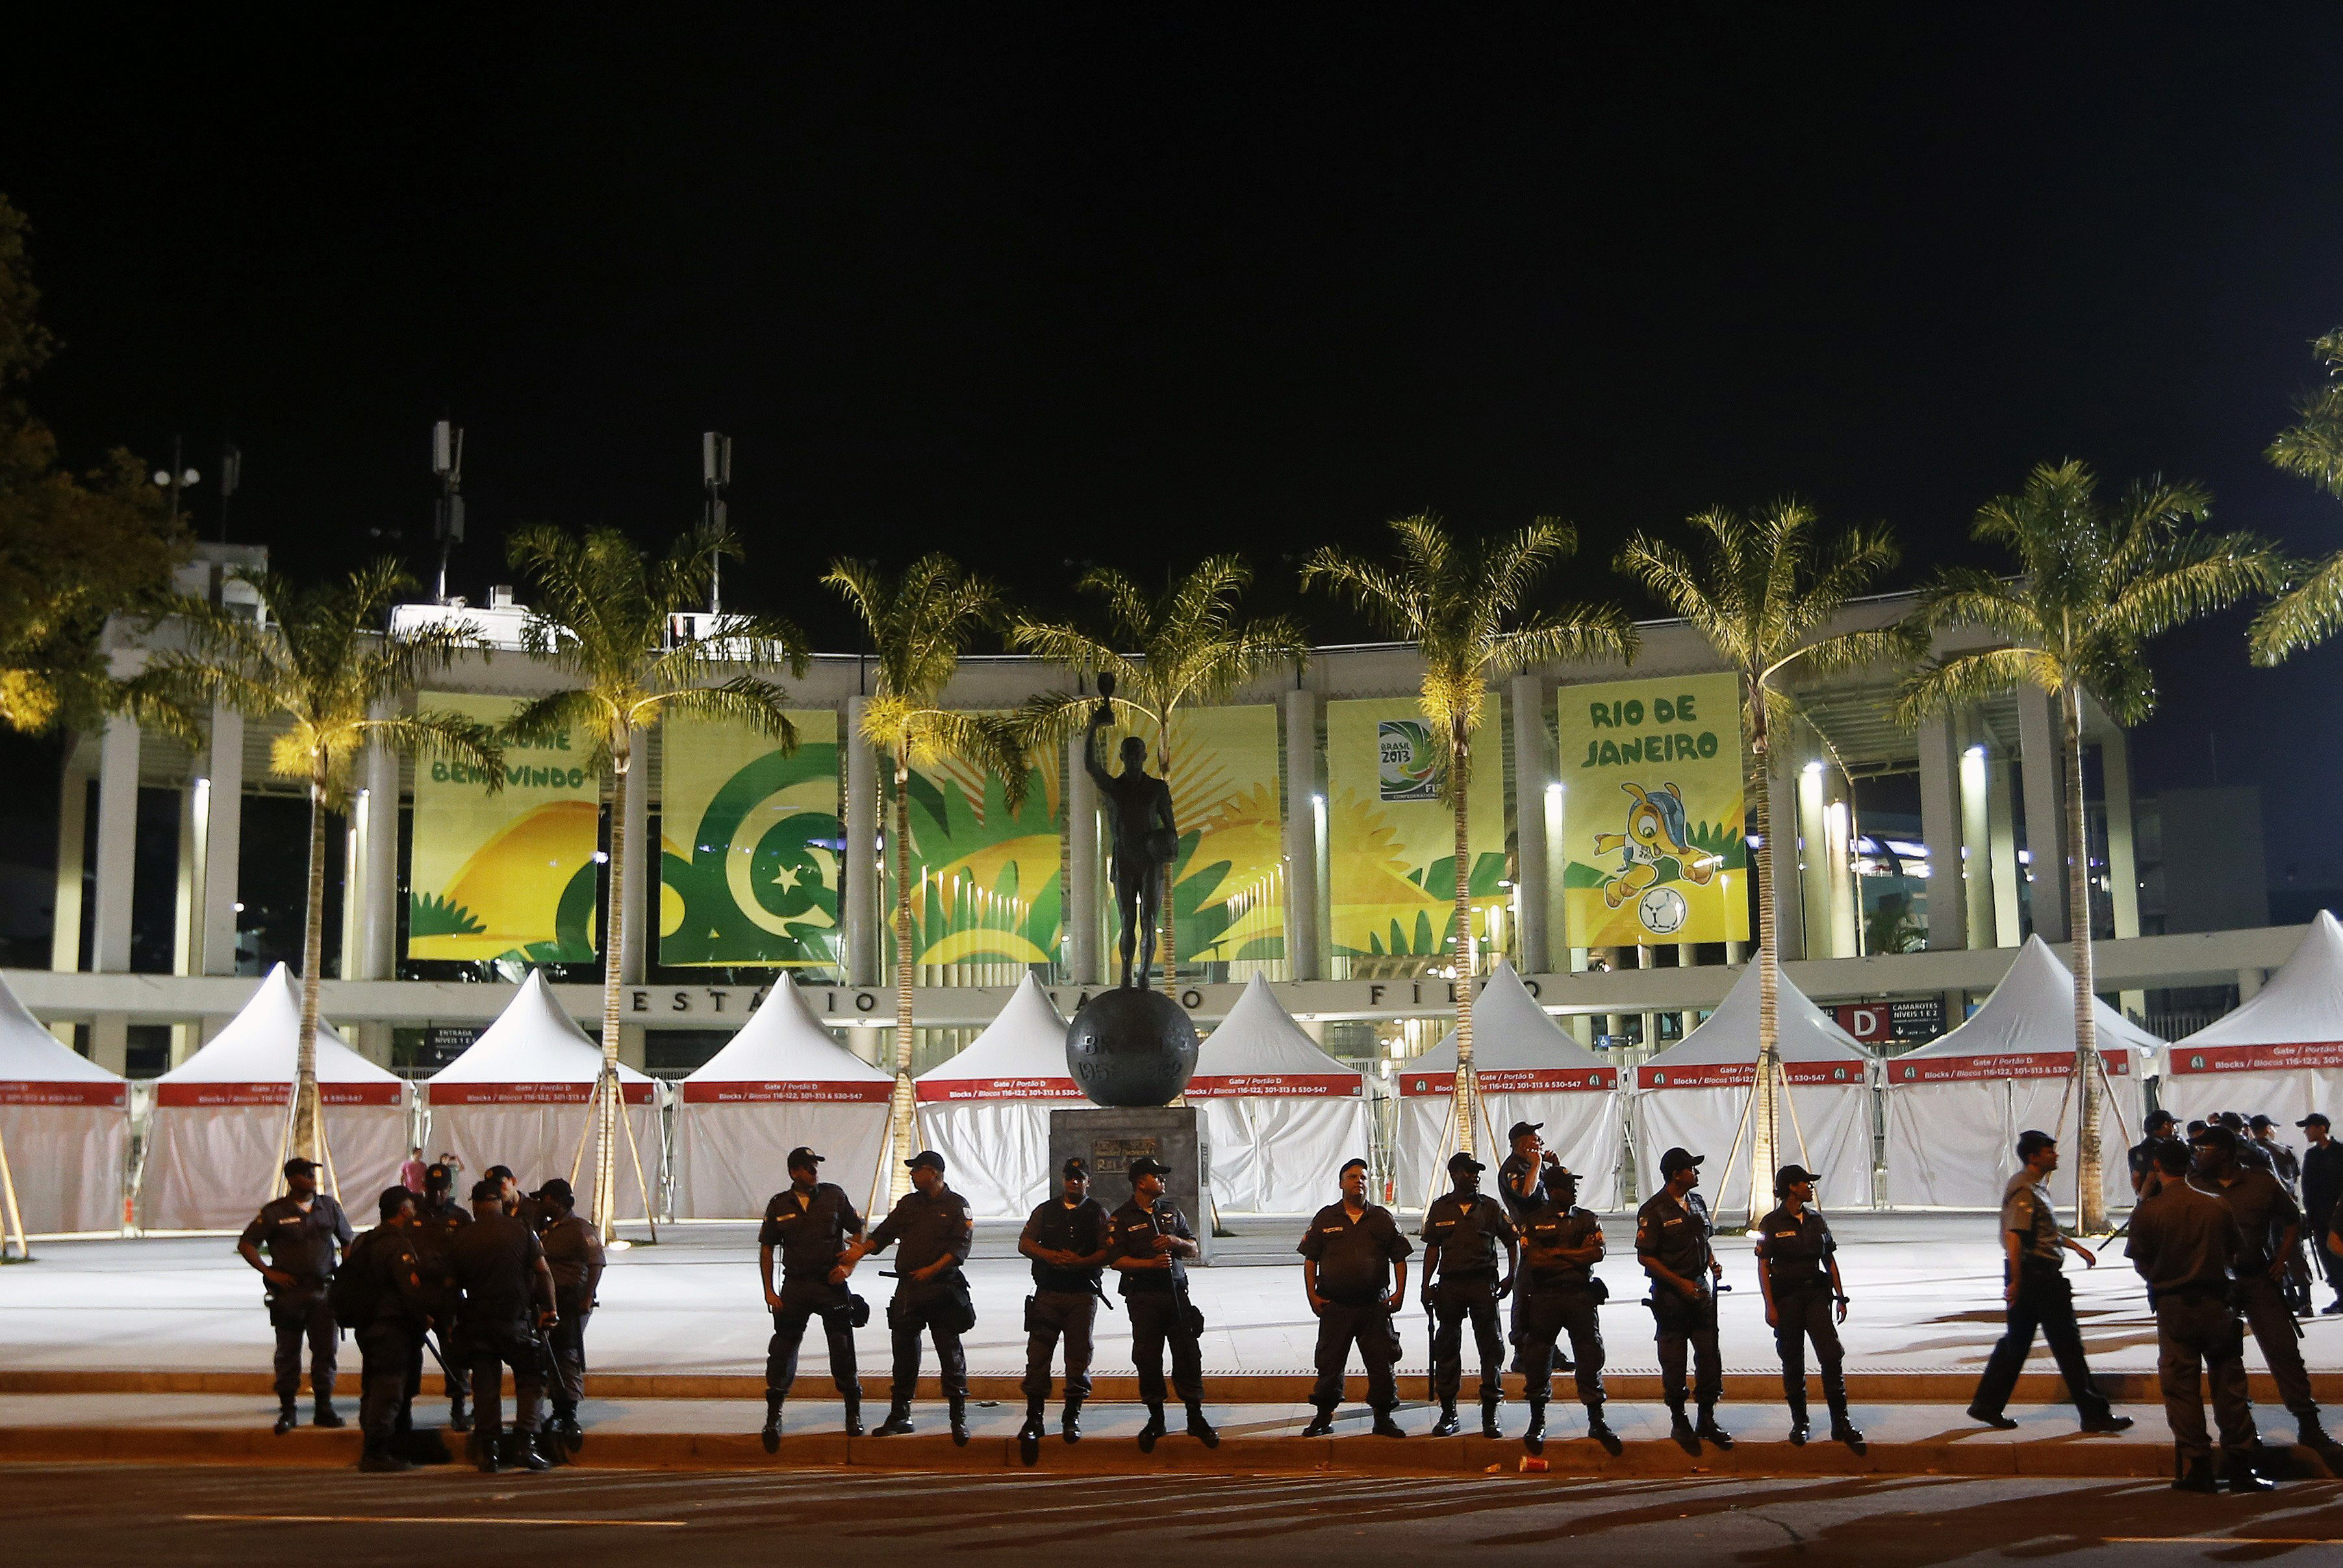 Brasil anuncia recortes o más impuestos para compensar el gasto tras las protestas